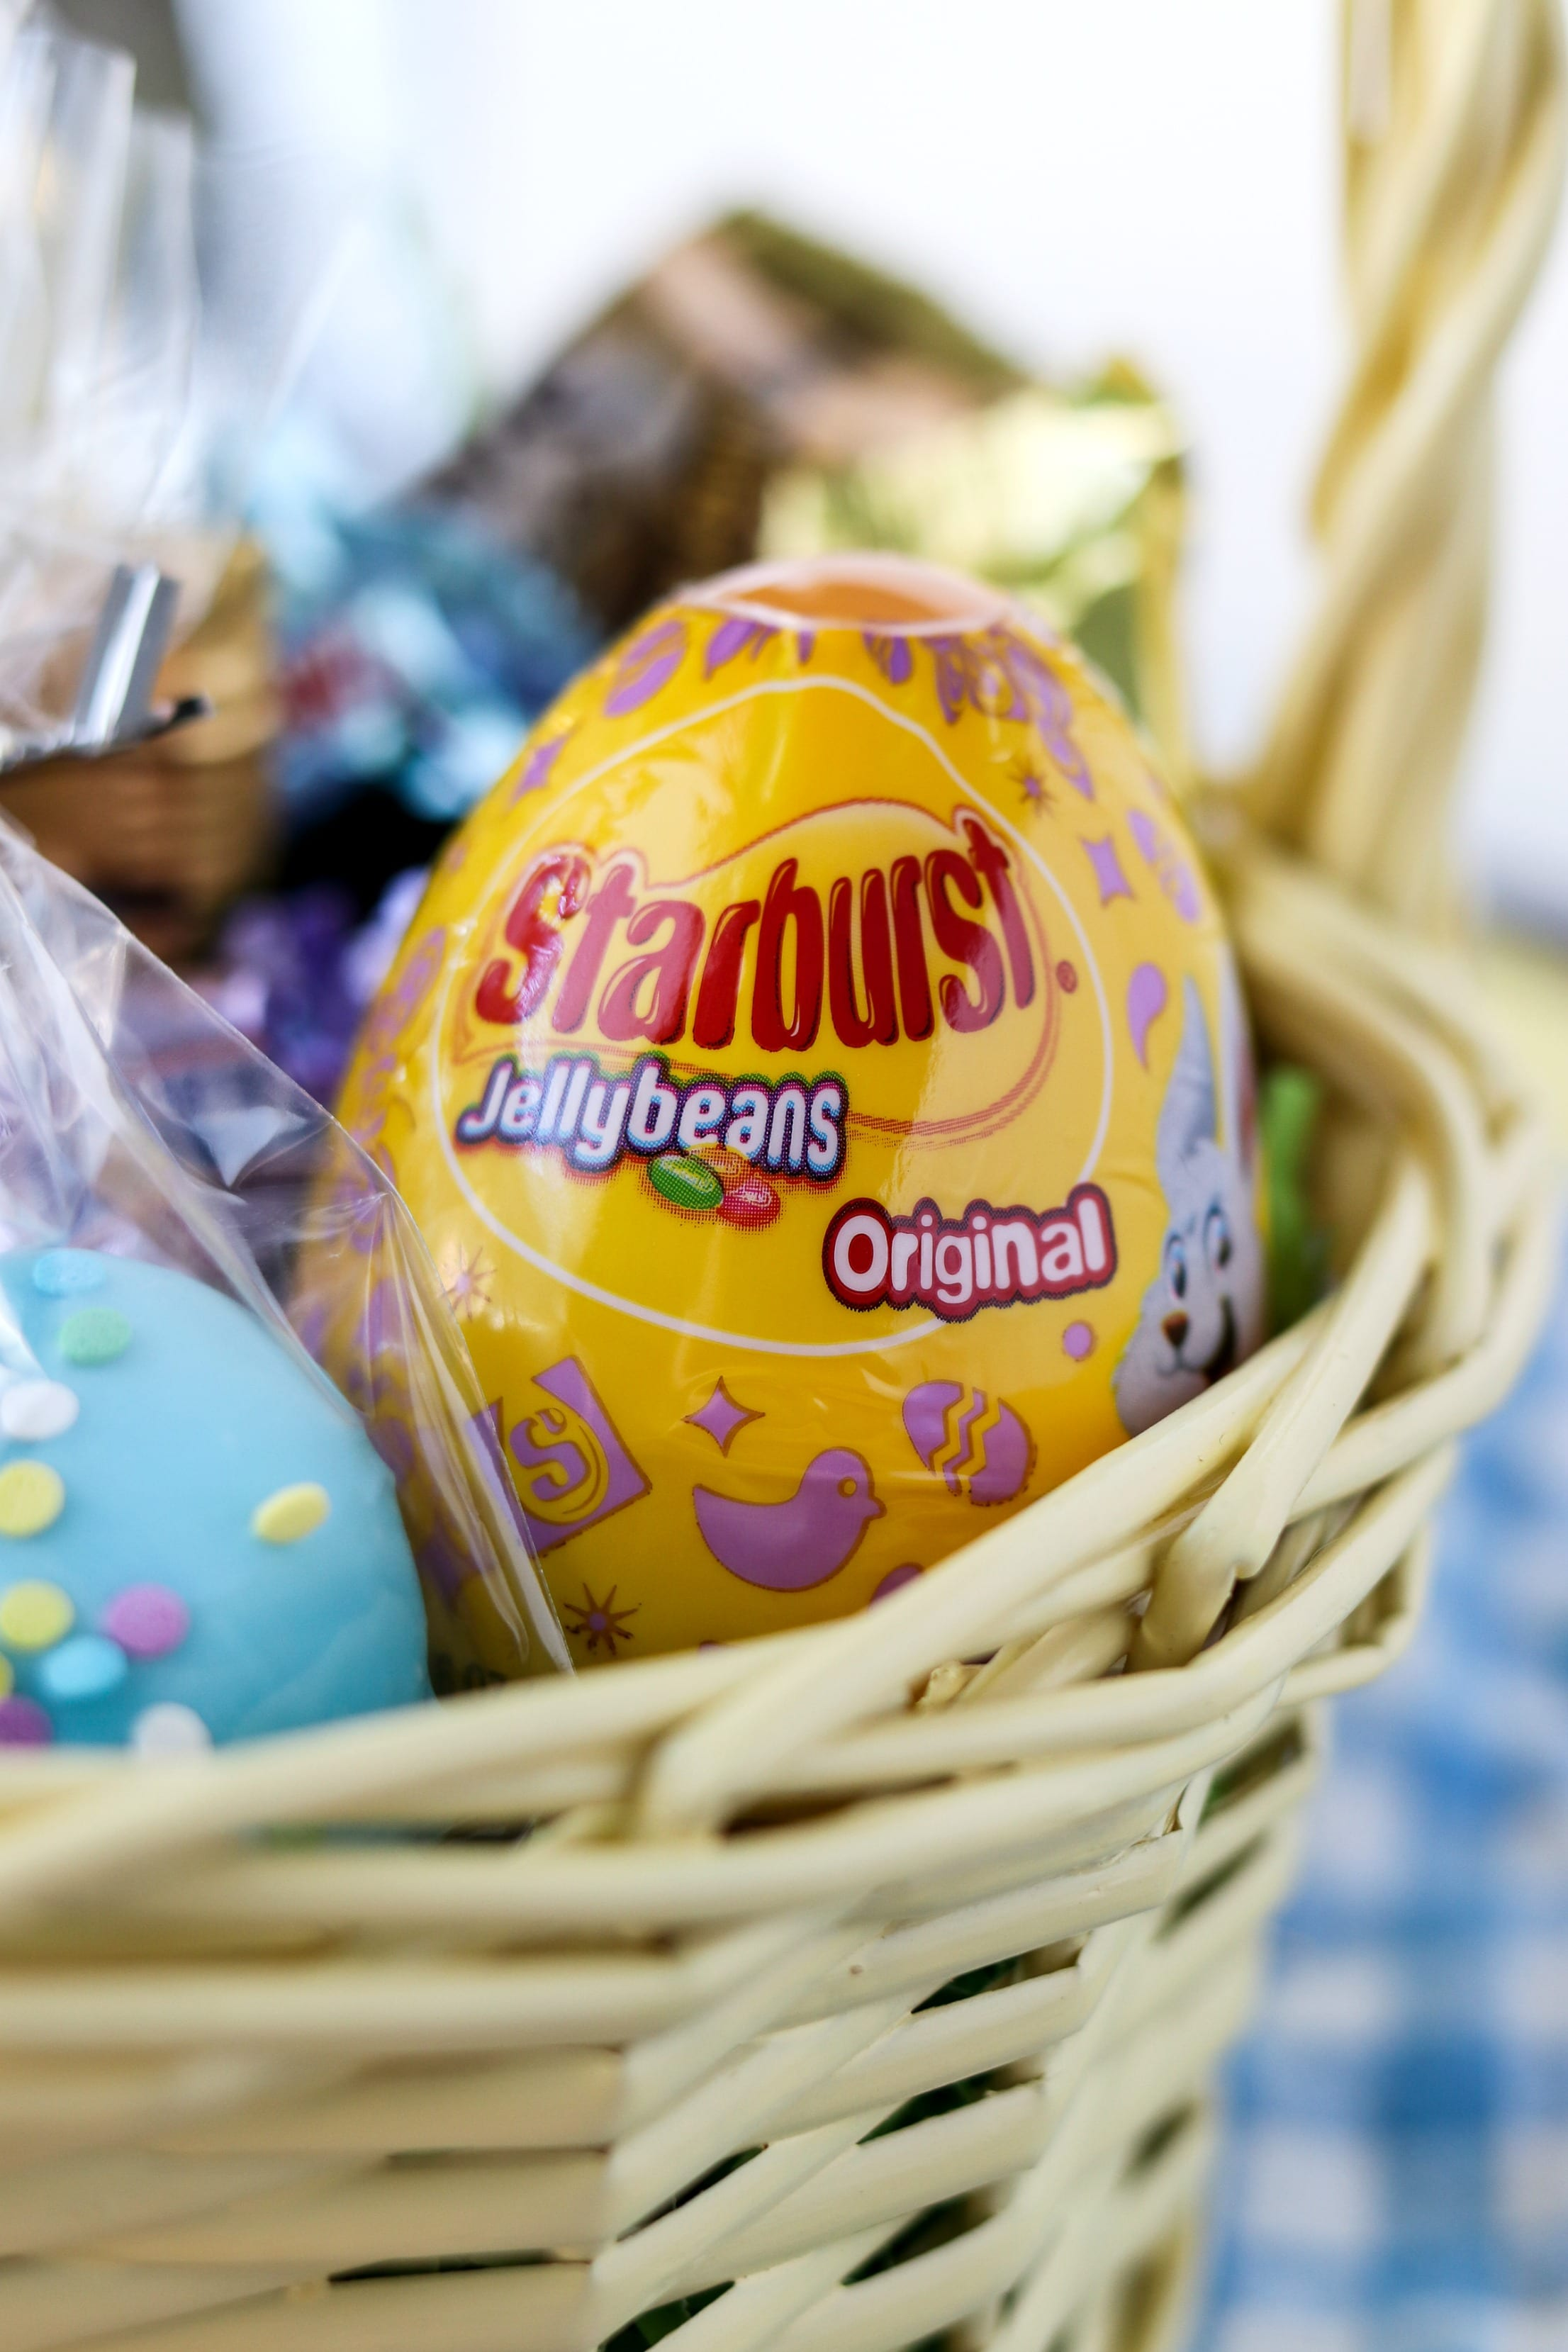 Easter egg packaging of starburst jellybeans